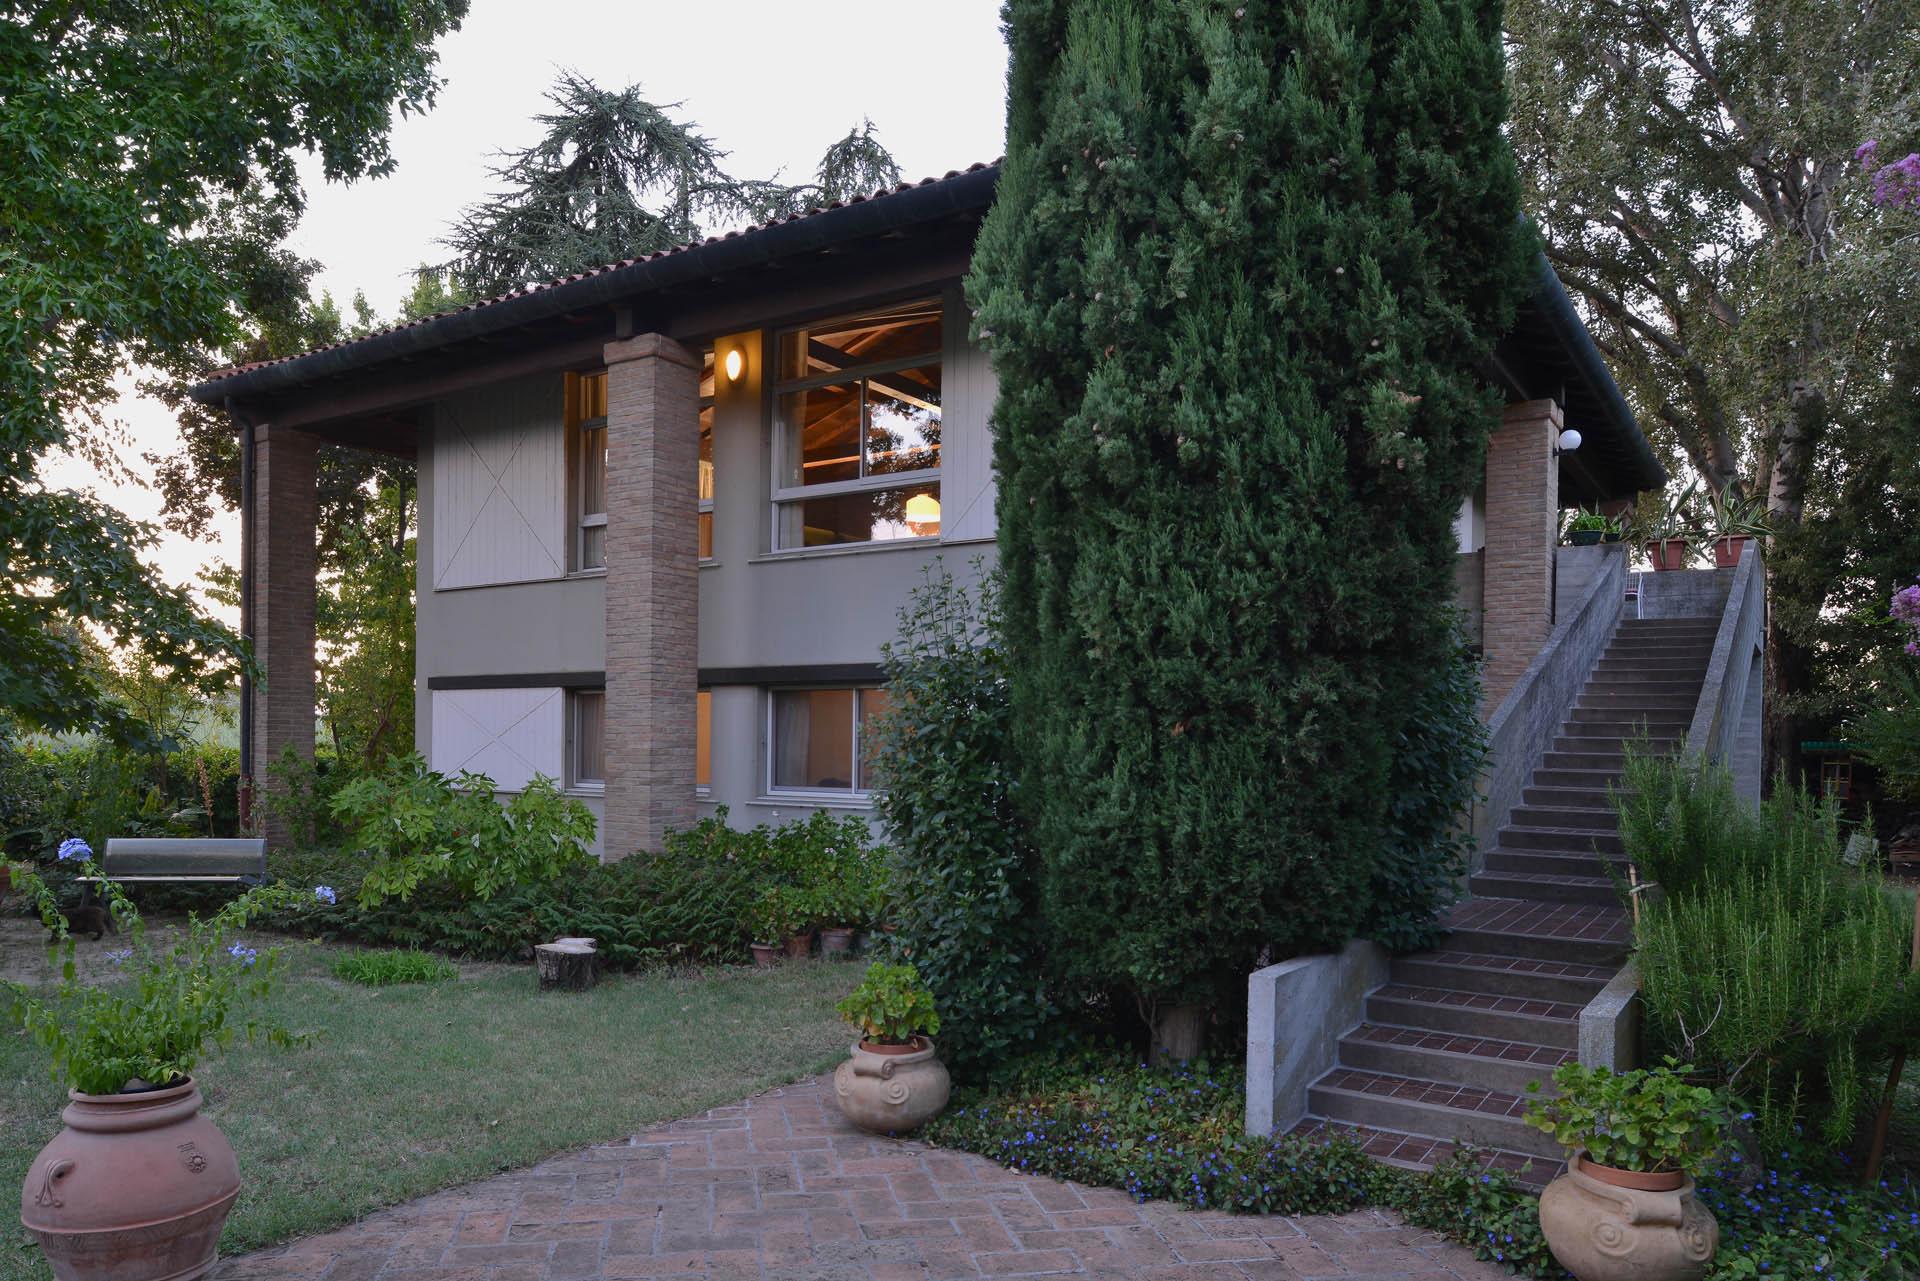 01 Studio Bacchi architetti associati Villa in campagna copertina 01